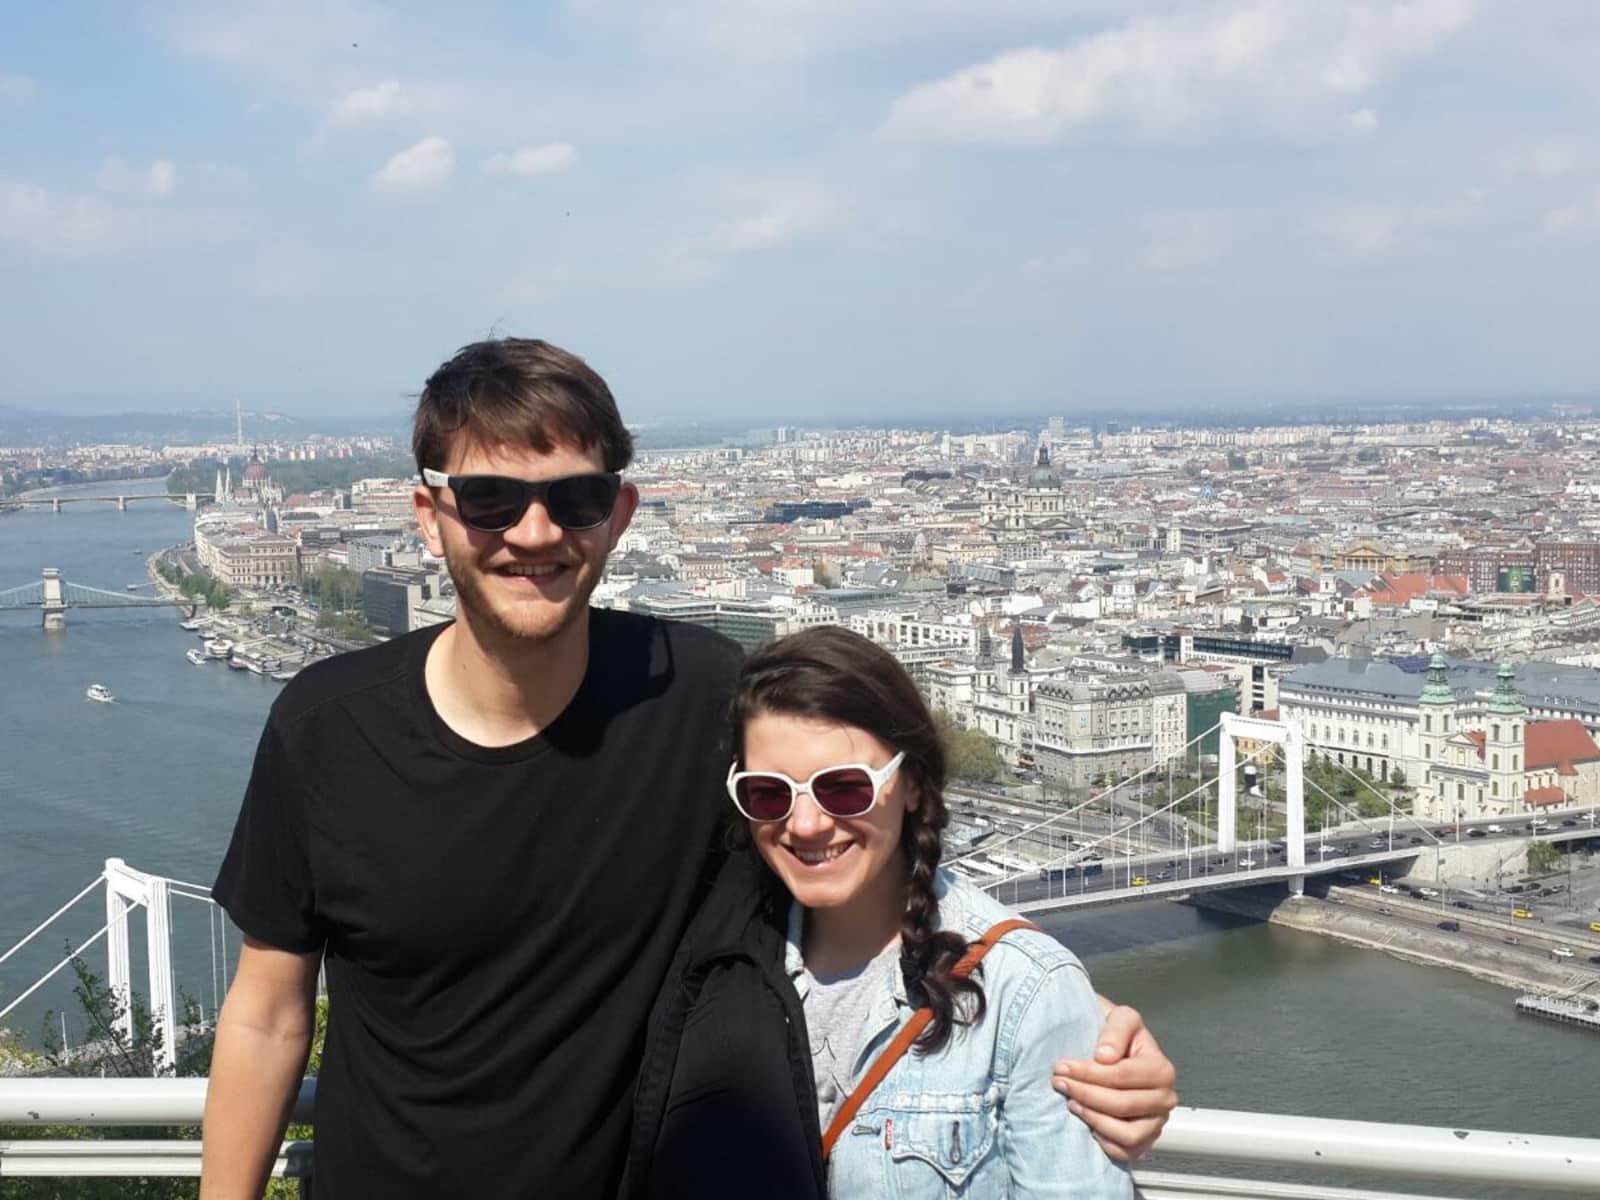 Solène & David from Avignon, France